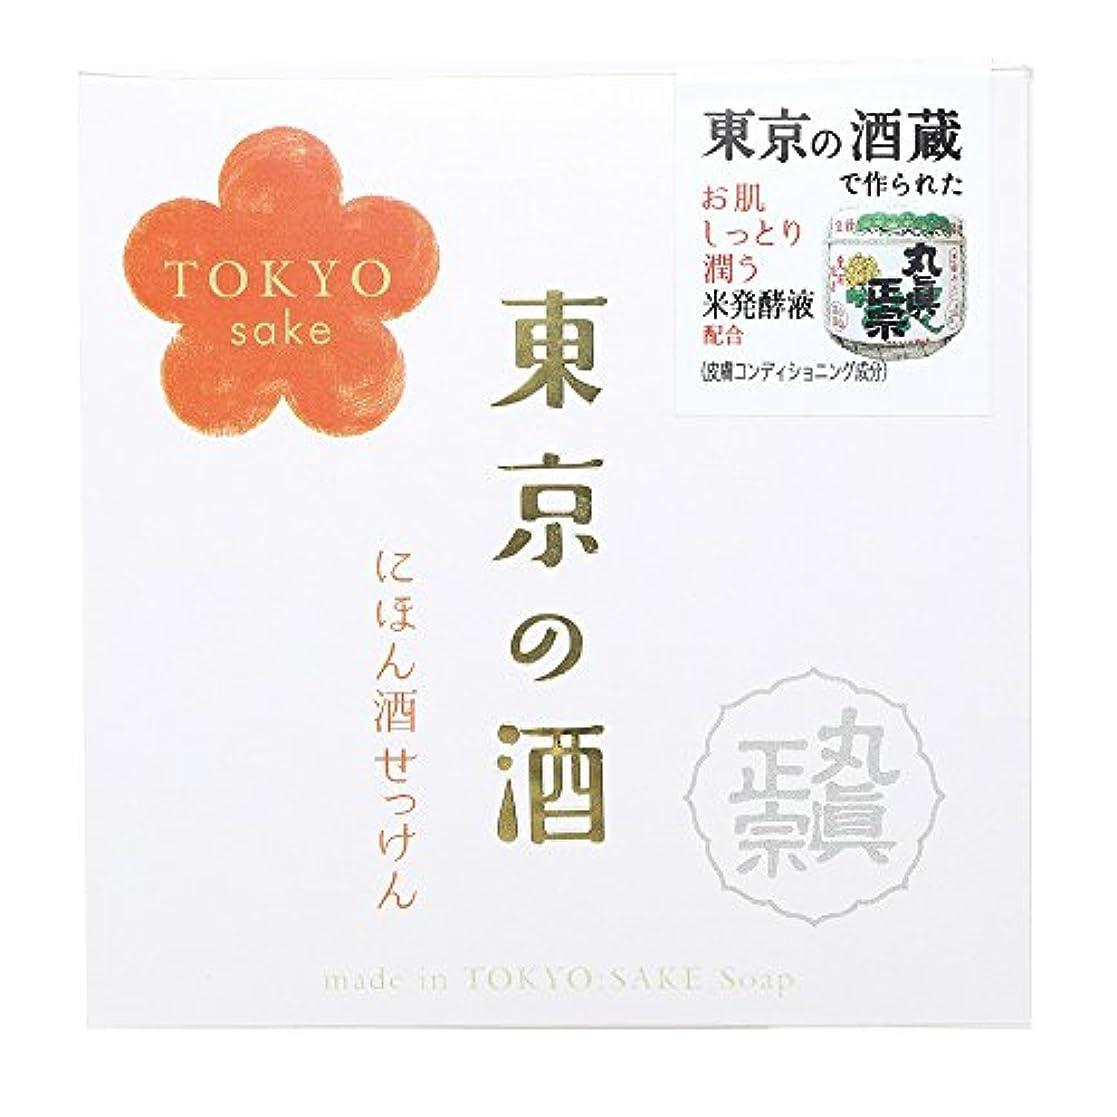 素晴らしい良い多くの電気的不良品ノルコーポレーション 東京の酒 石けん OB-TKY-1-1 100g